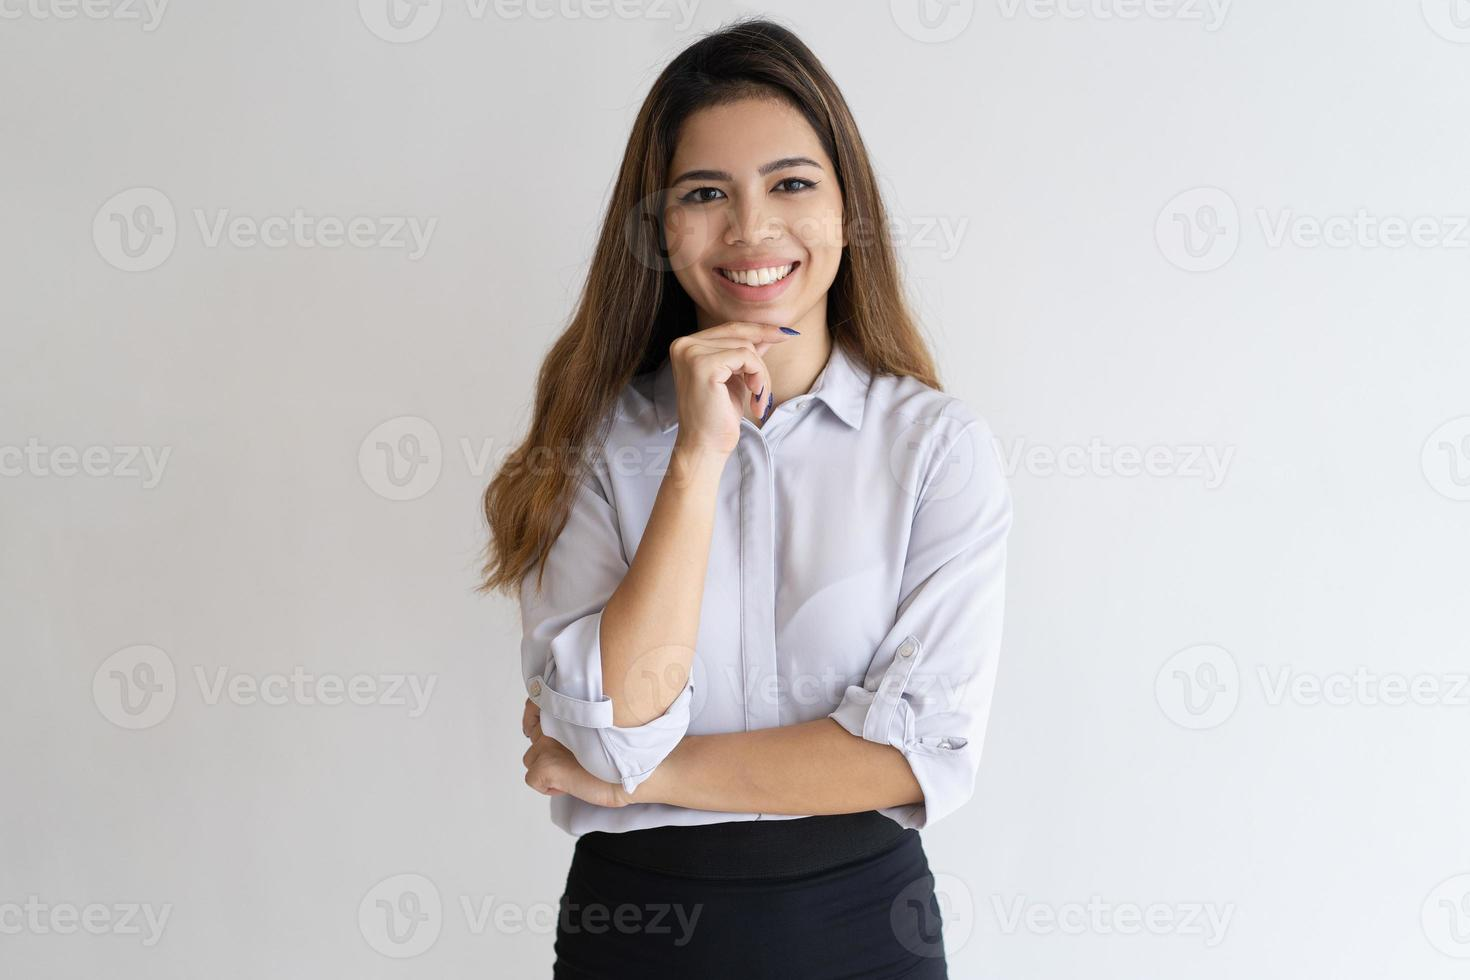 Retrato profesional joven exitoso alegre foto